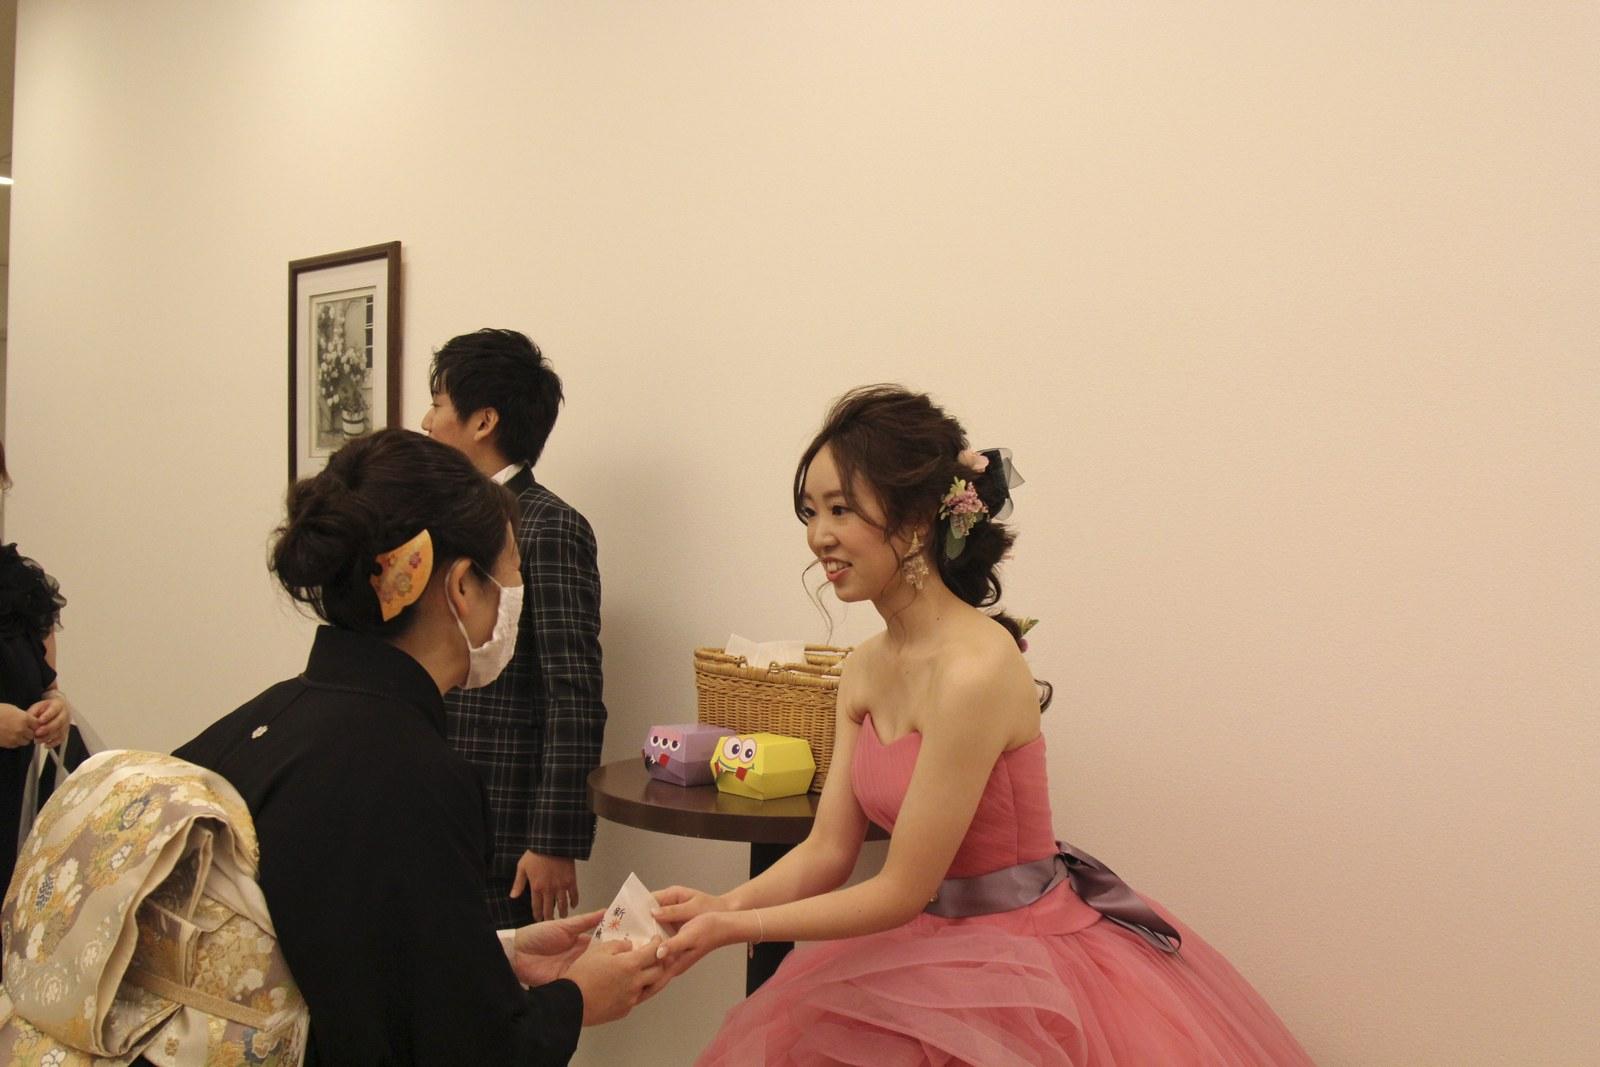 徳島市の結婚式場ブランアンジュの送賓でお見送り品をゲストに渡す新婦